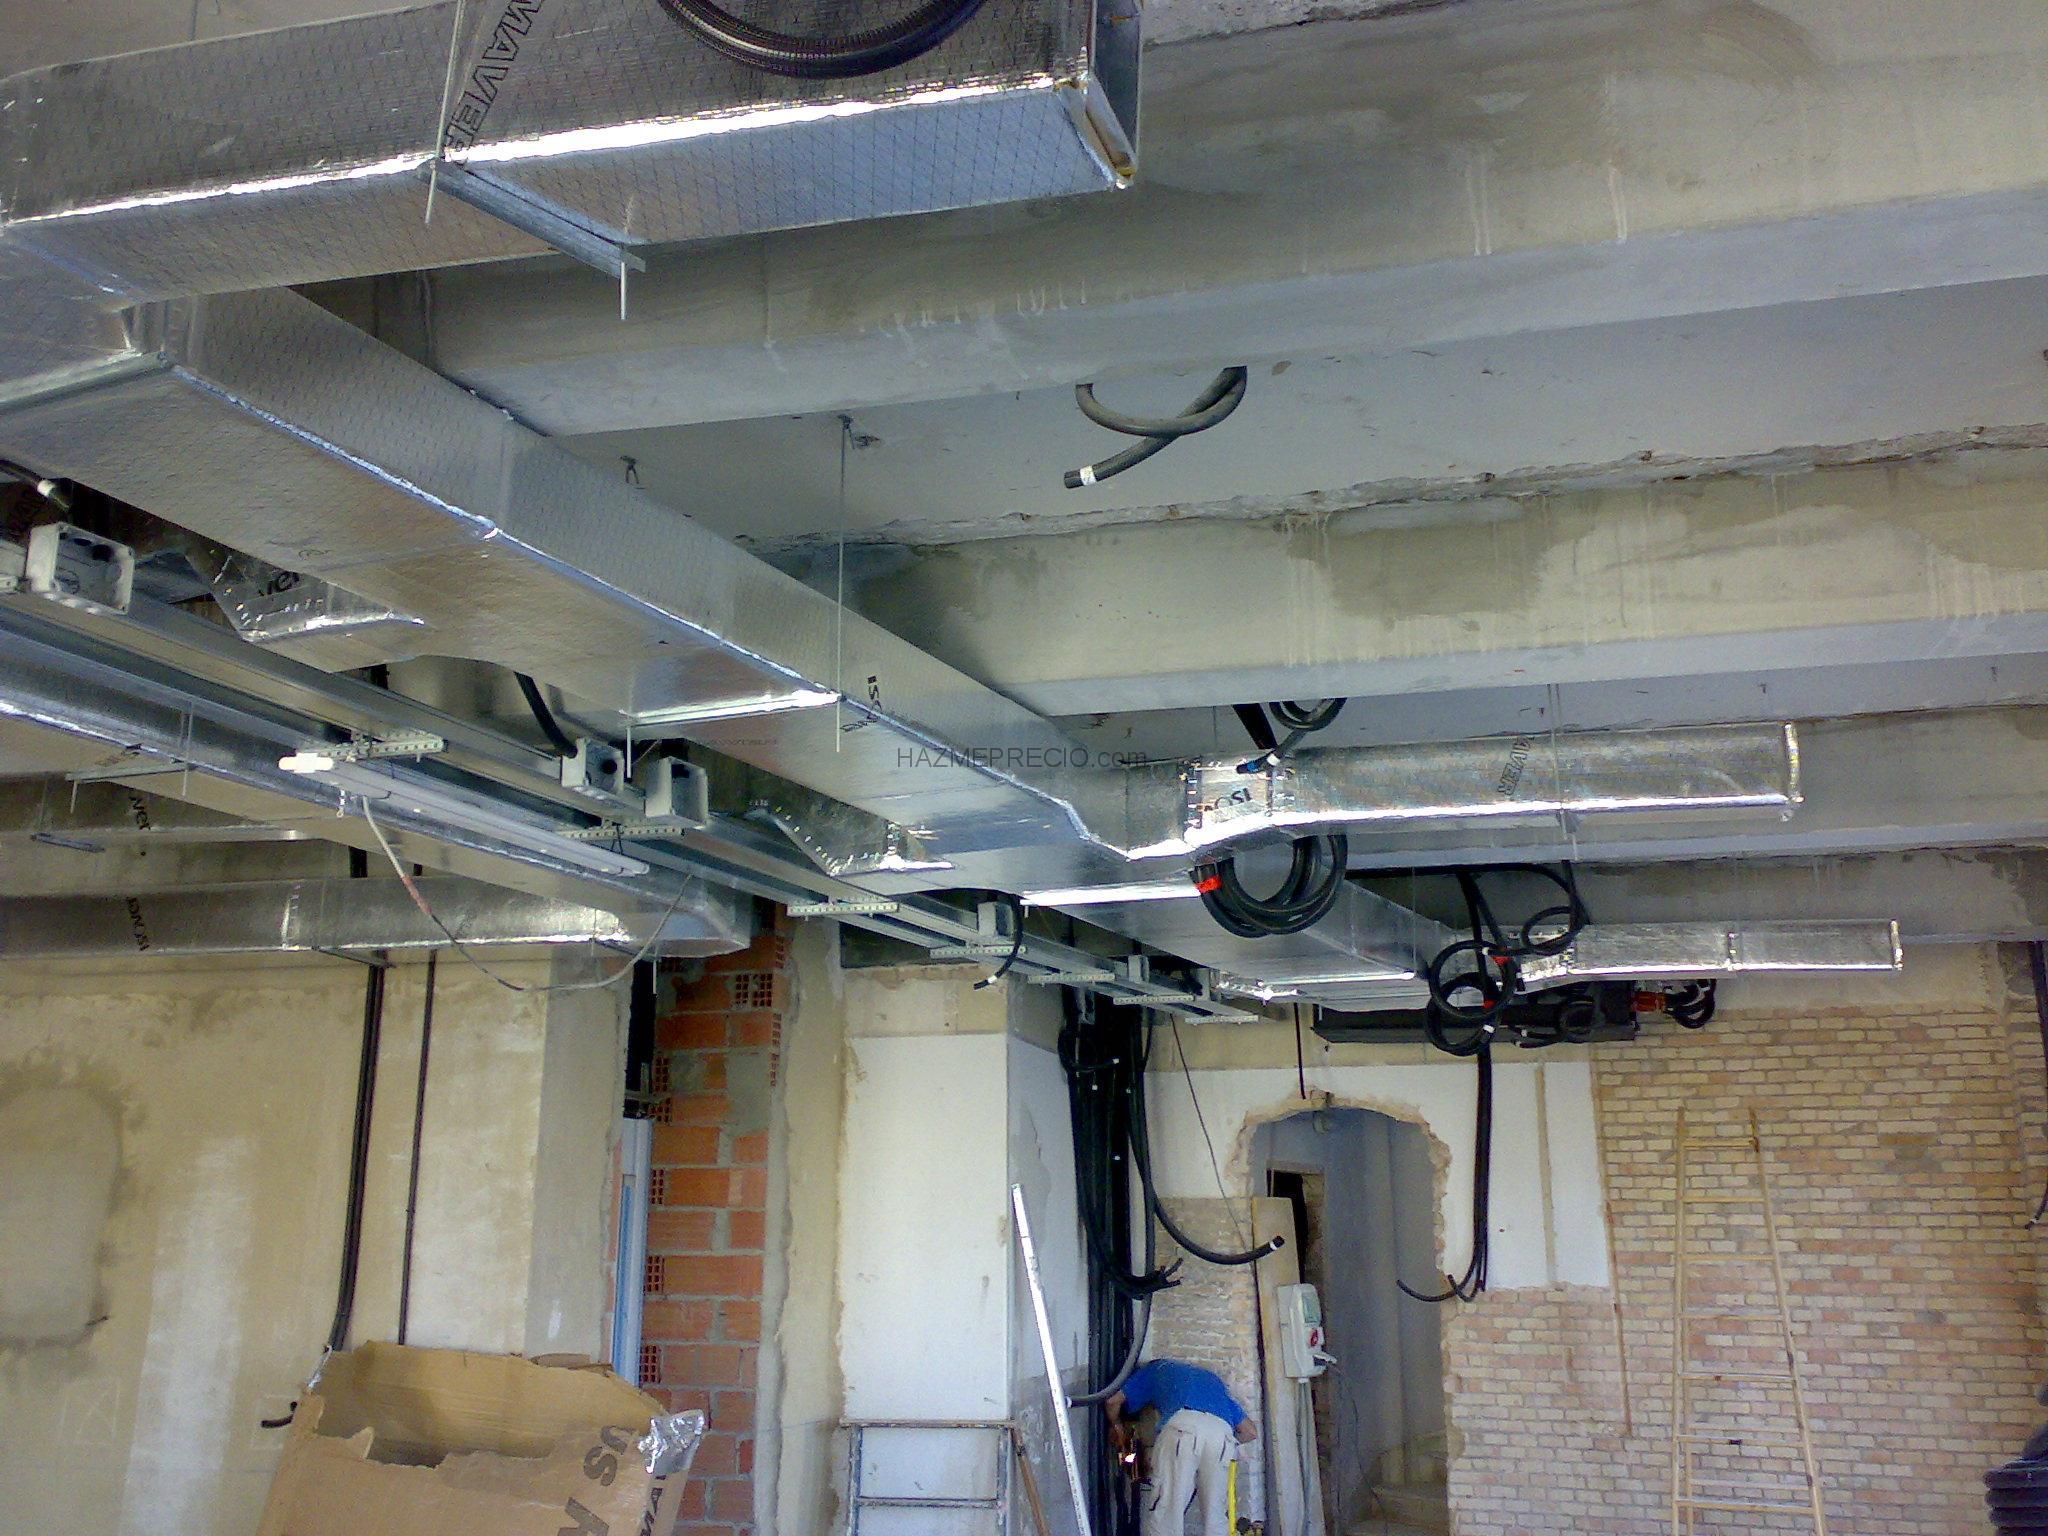 Presupuesto para instalar aire acondicionado por conductos for Maquina aire acondicionado por conductos